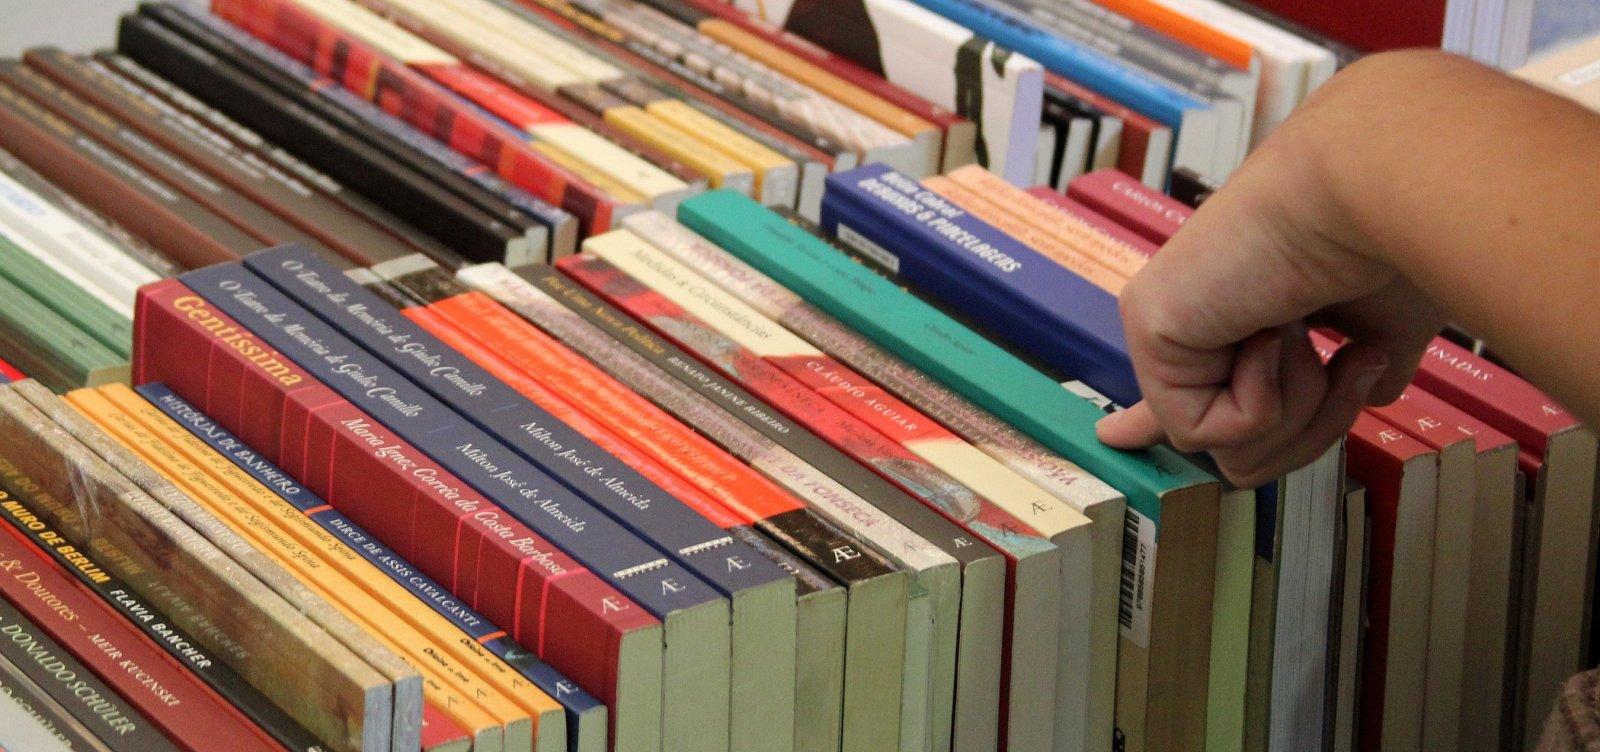 Estudantes da rede pública passam a receber obras literárias em 2019